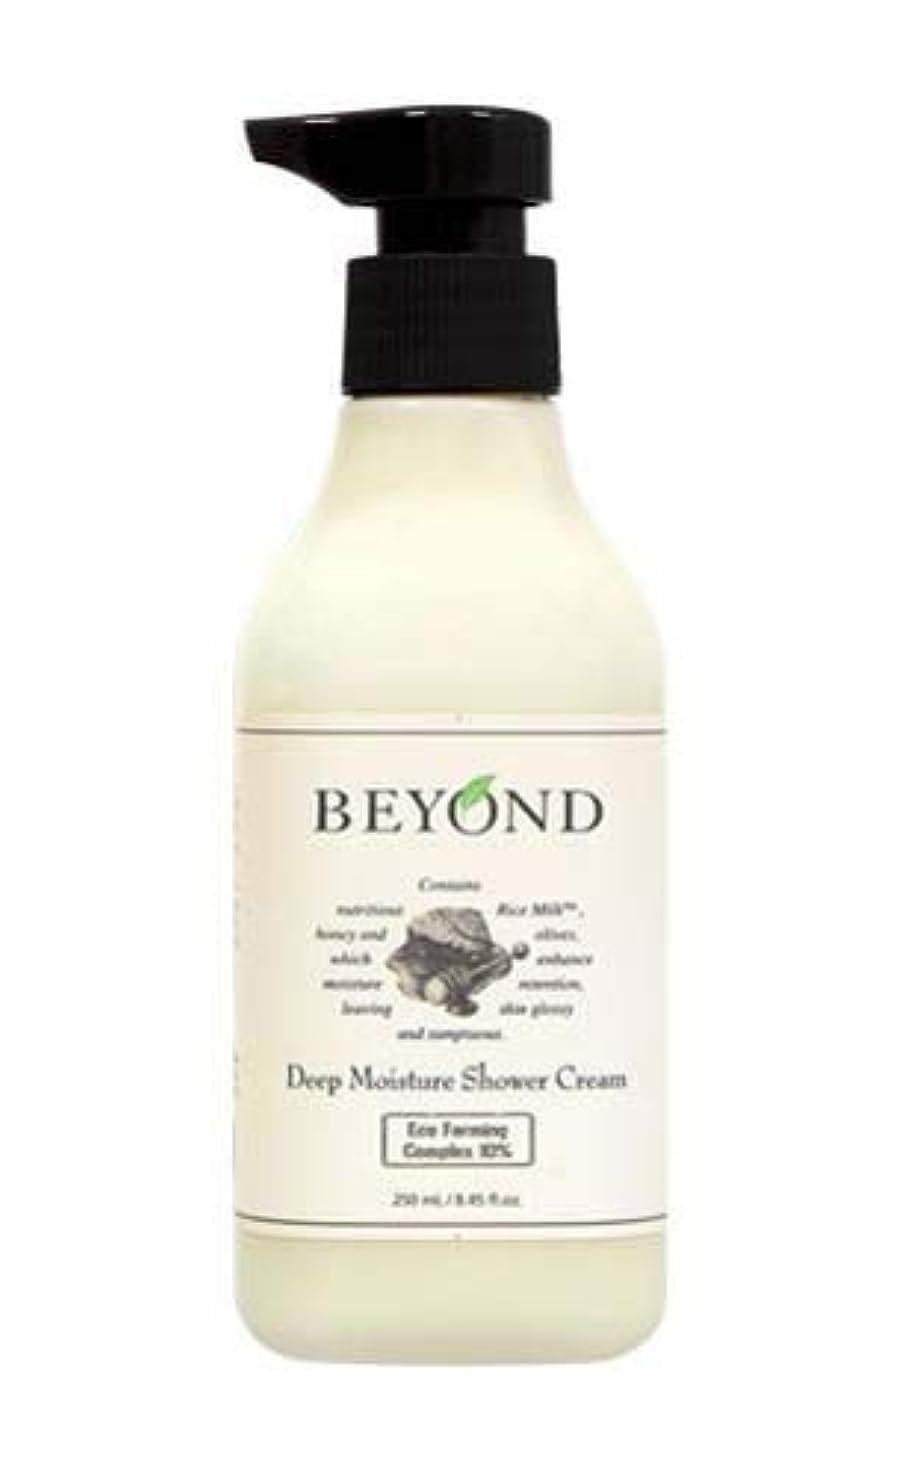 人形カタログ軍団[ビヨンド] BEYOND [ディープモイスチャー シャワークリーム 250ml] Deep Moisture Shower Cream 250ml [海外直送品]